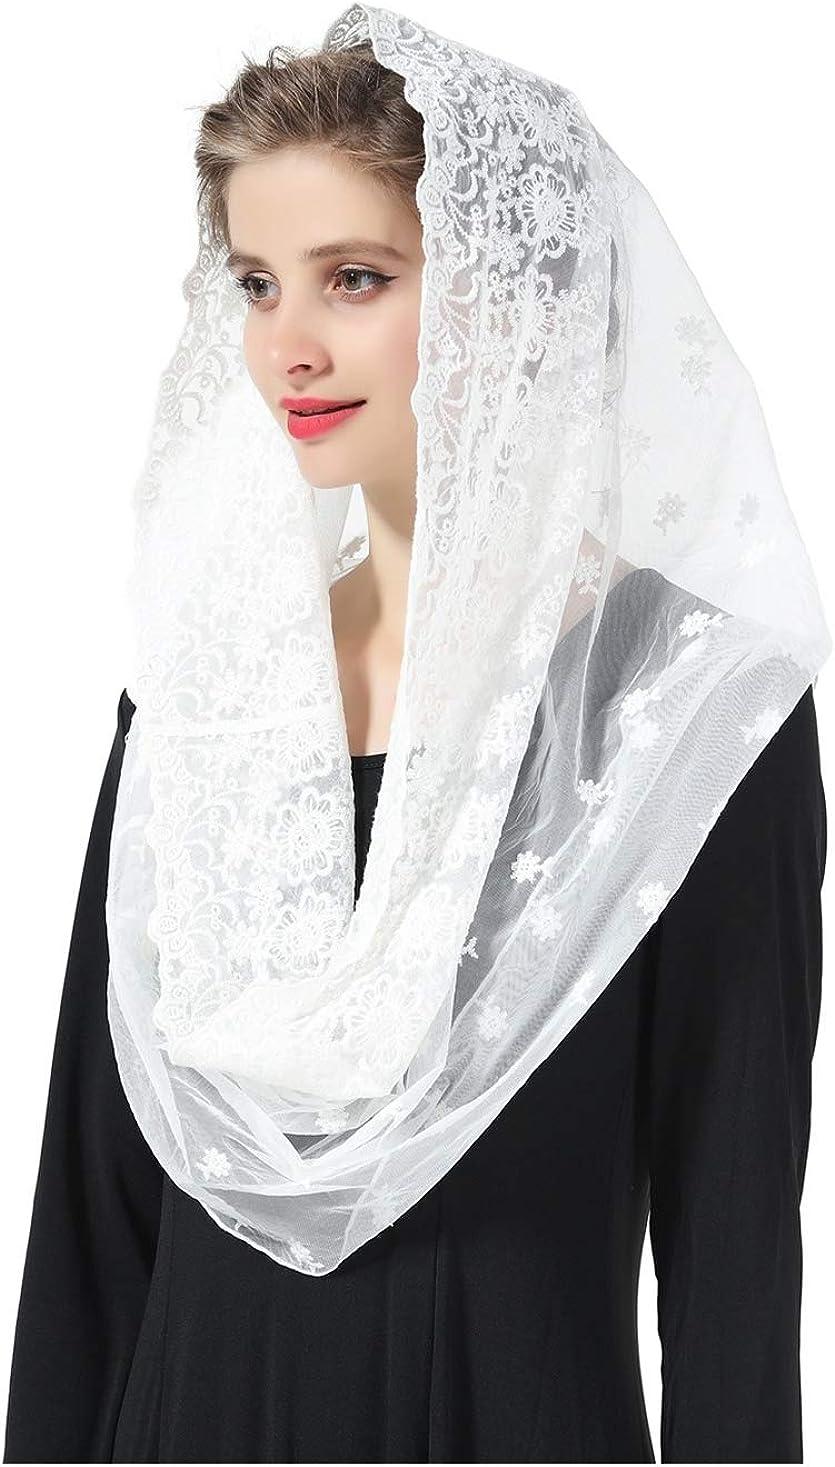 Mantilla De Encaje Española Mujer Capilla Velo Pañuelo de Iglesia Católica Bordado Chal Bufanda Negra Blanca V102: Amazon.es: Ropa y accesorios